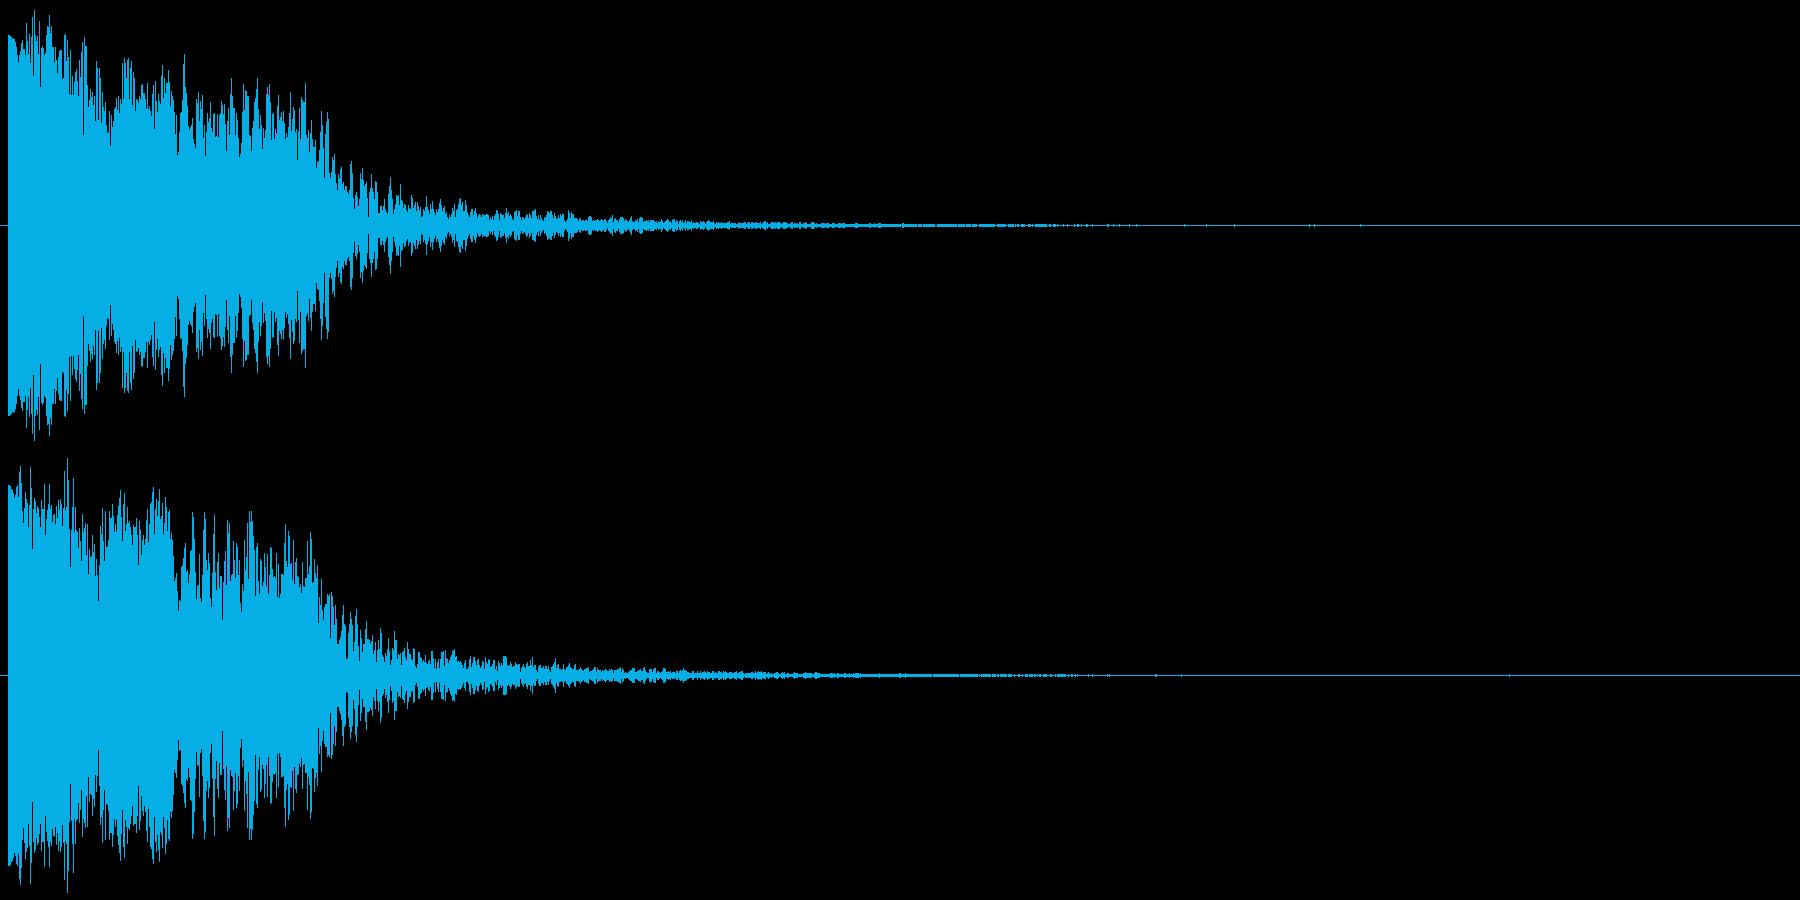 ピヒュオーン ピピョーン クリック選択音の再生済みの波形